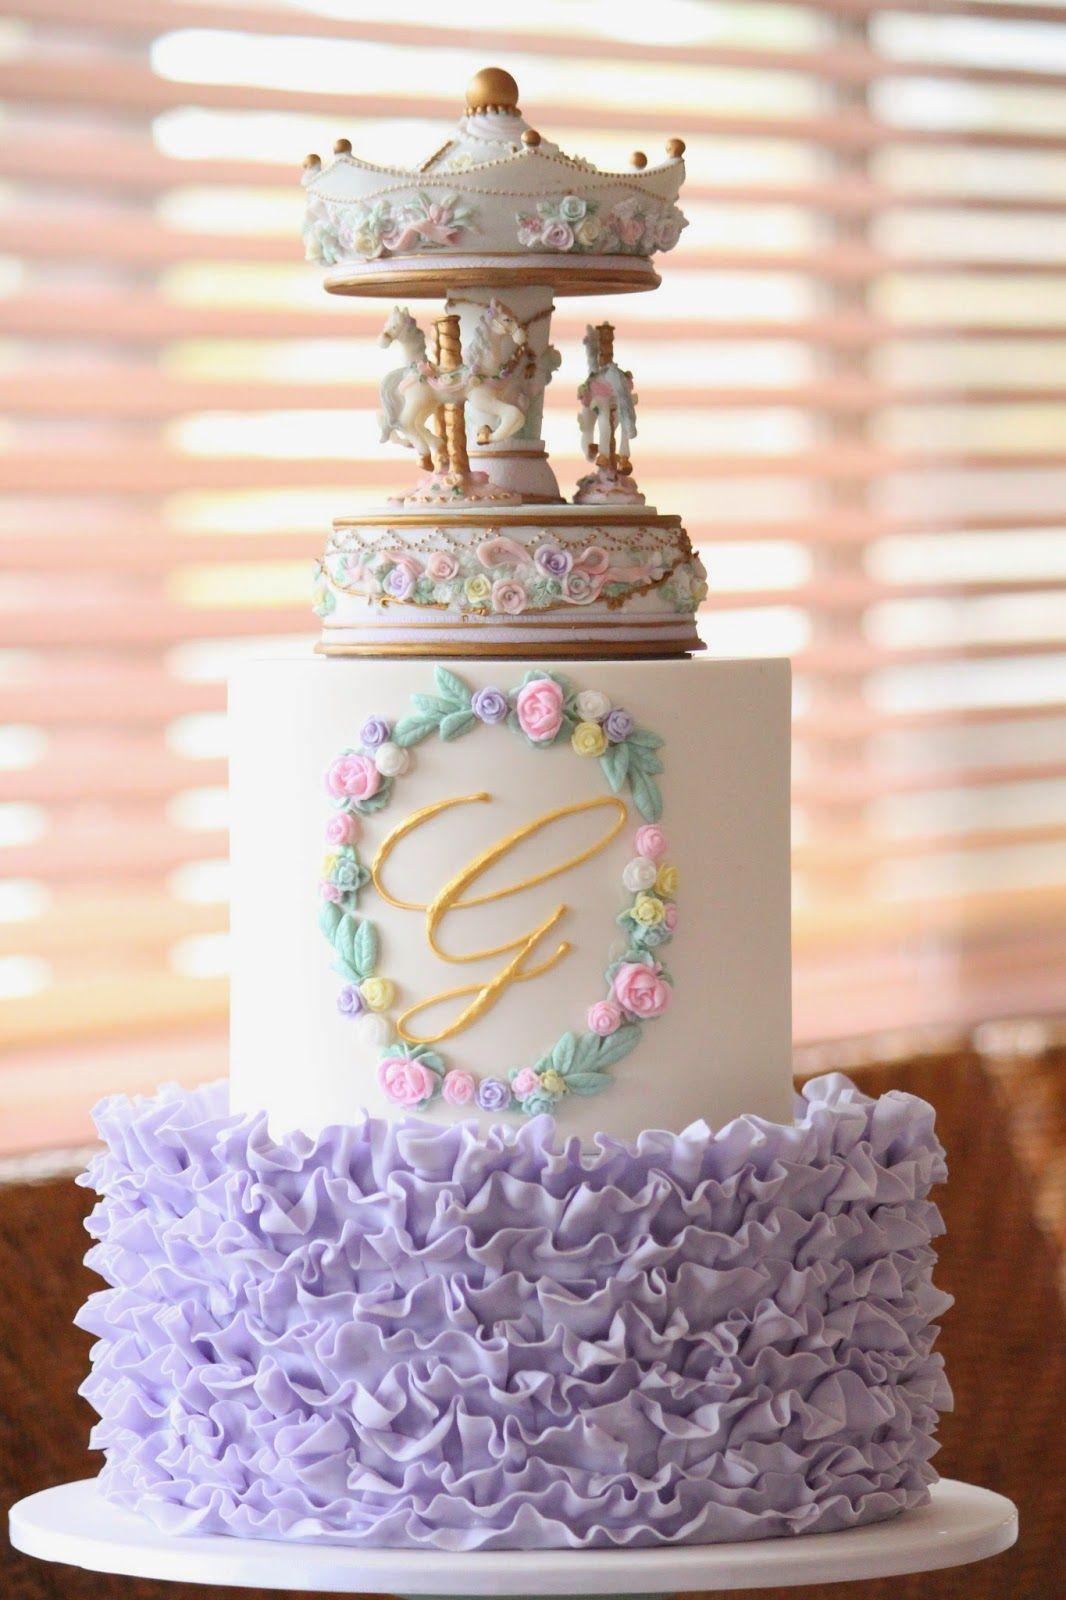 Full Size of Küchenkarussell Couture Cupcakes Cookies Geburtstagsparty Dekoration Wohnzimmer Küchenkarussell